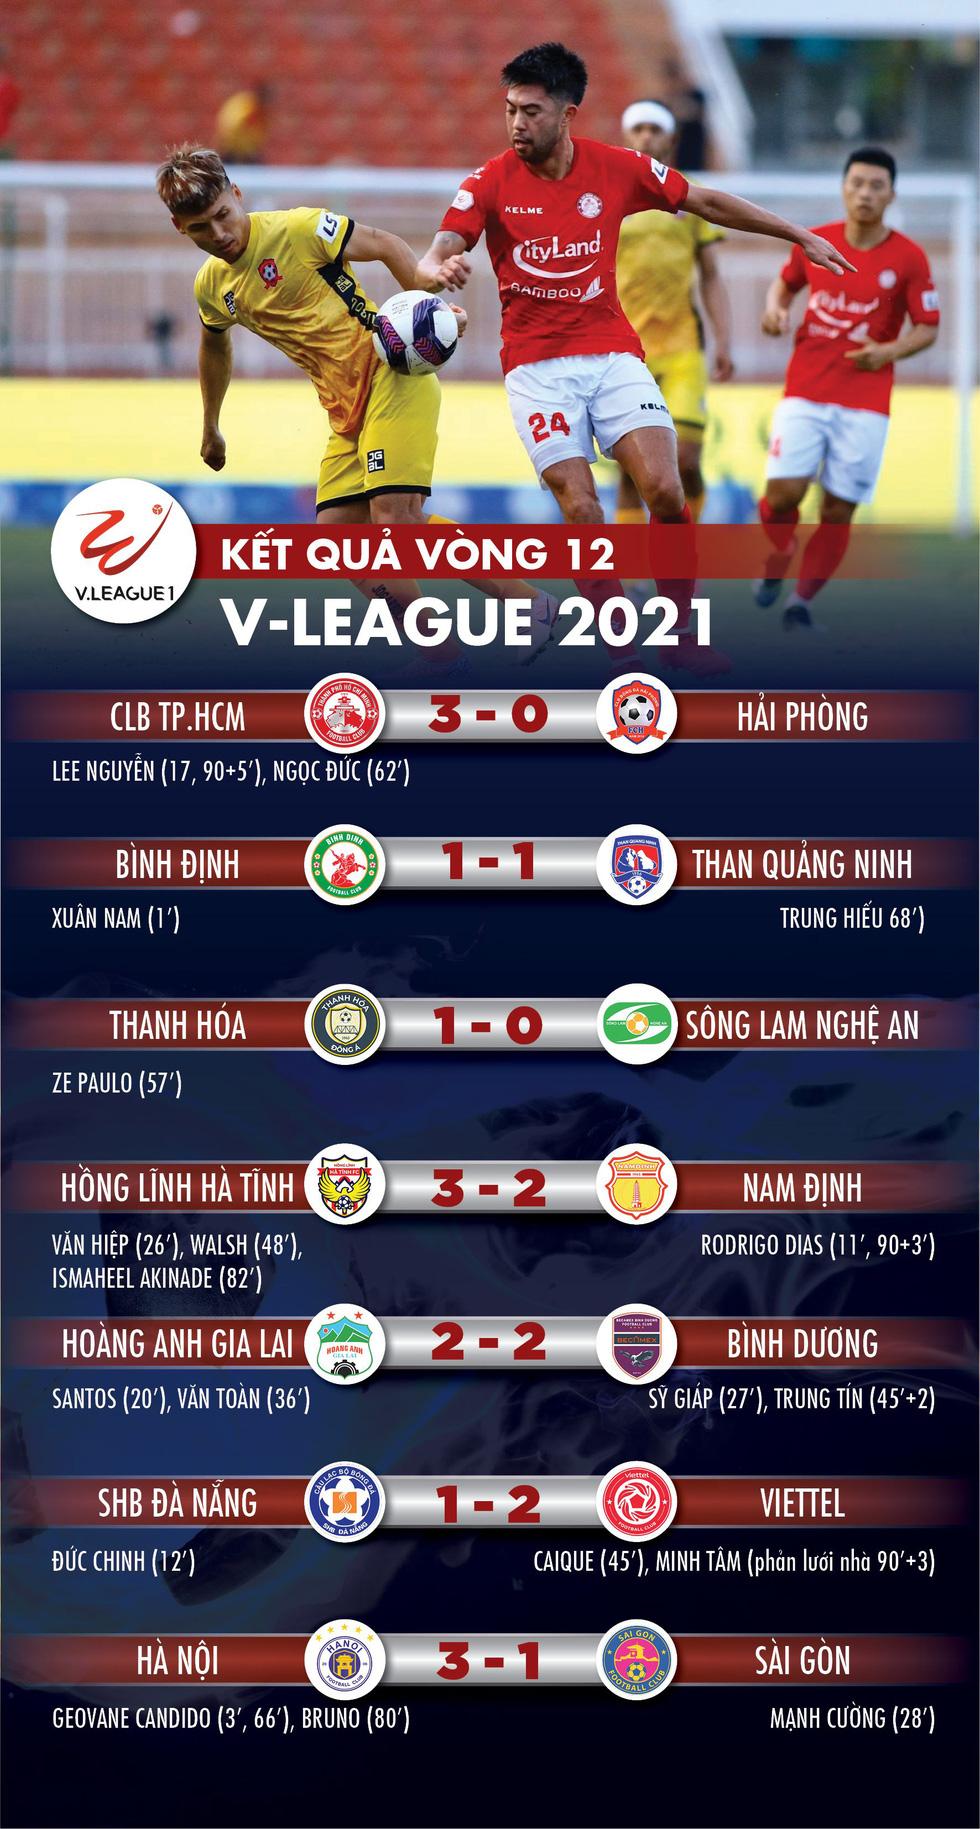 Thua Hà Nội 1-3, Sài Gòn phải đá vòng tranh suất trụ hạng - Ảnh 1.